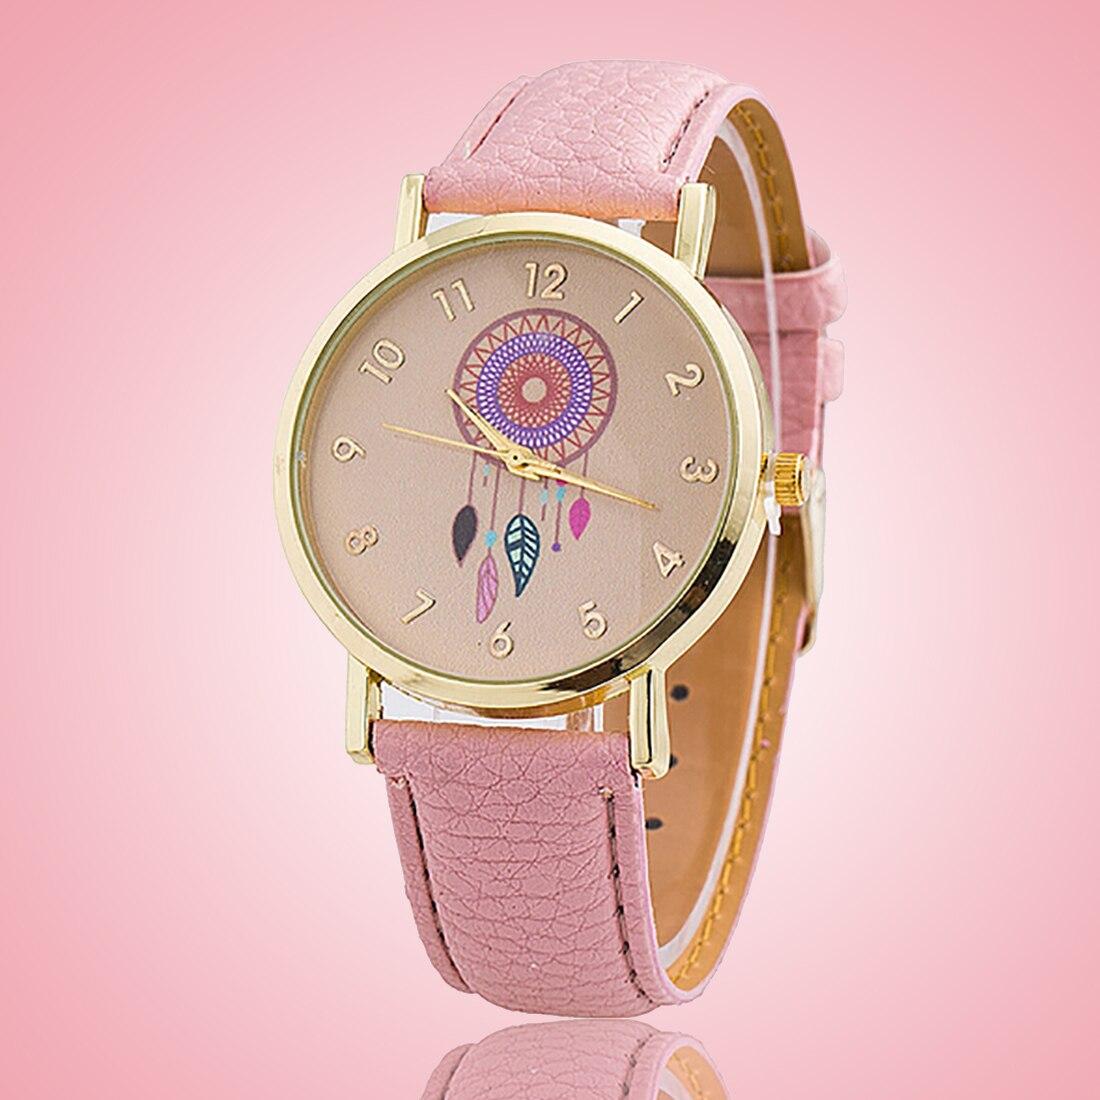 New Brand Women Watch Fashion Dreamcatcher Watch Ladies Quartz Watches relogio feminino<br><br>Aliexpress